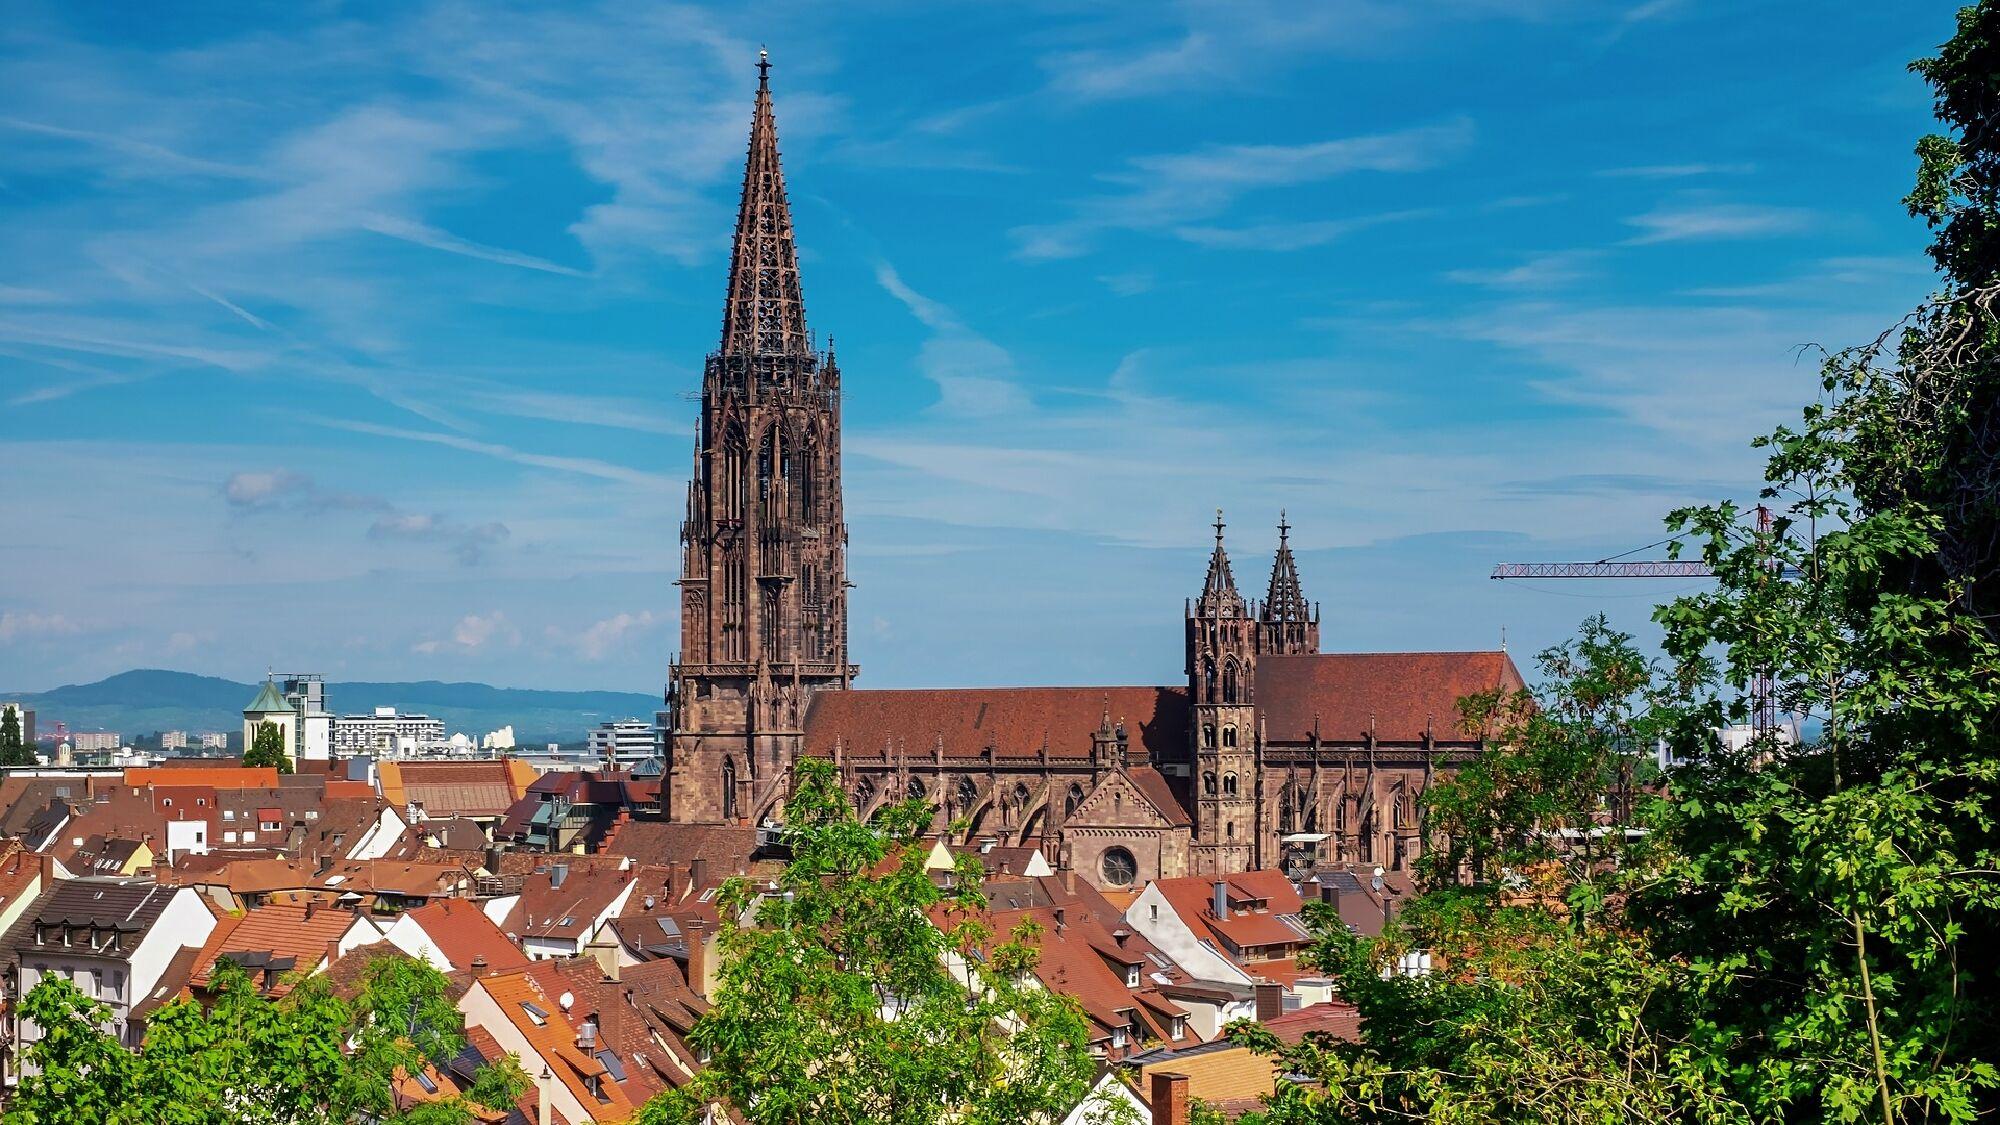 Blick auf das Münster in Freiburg